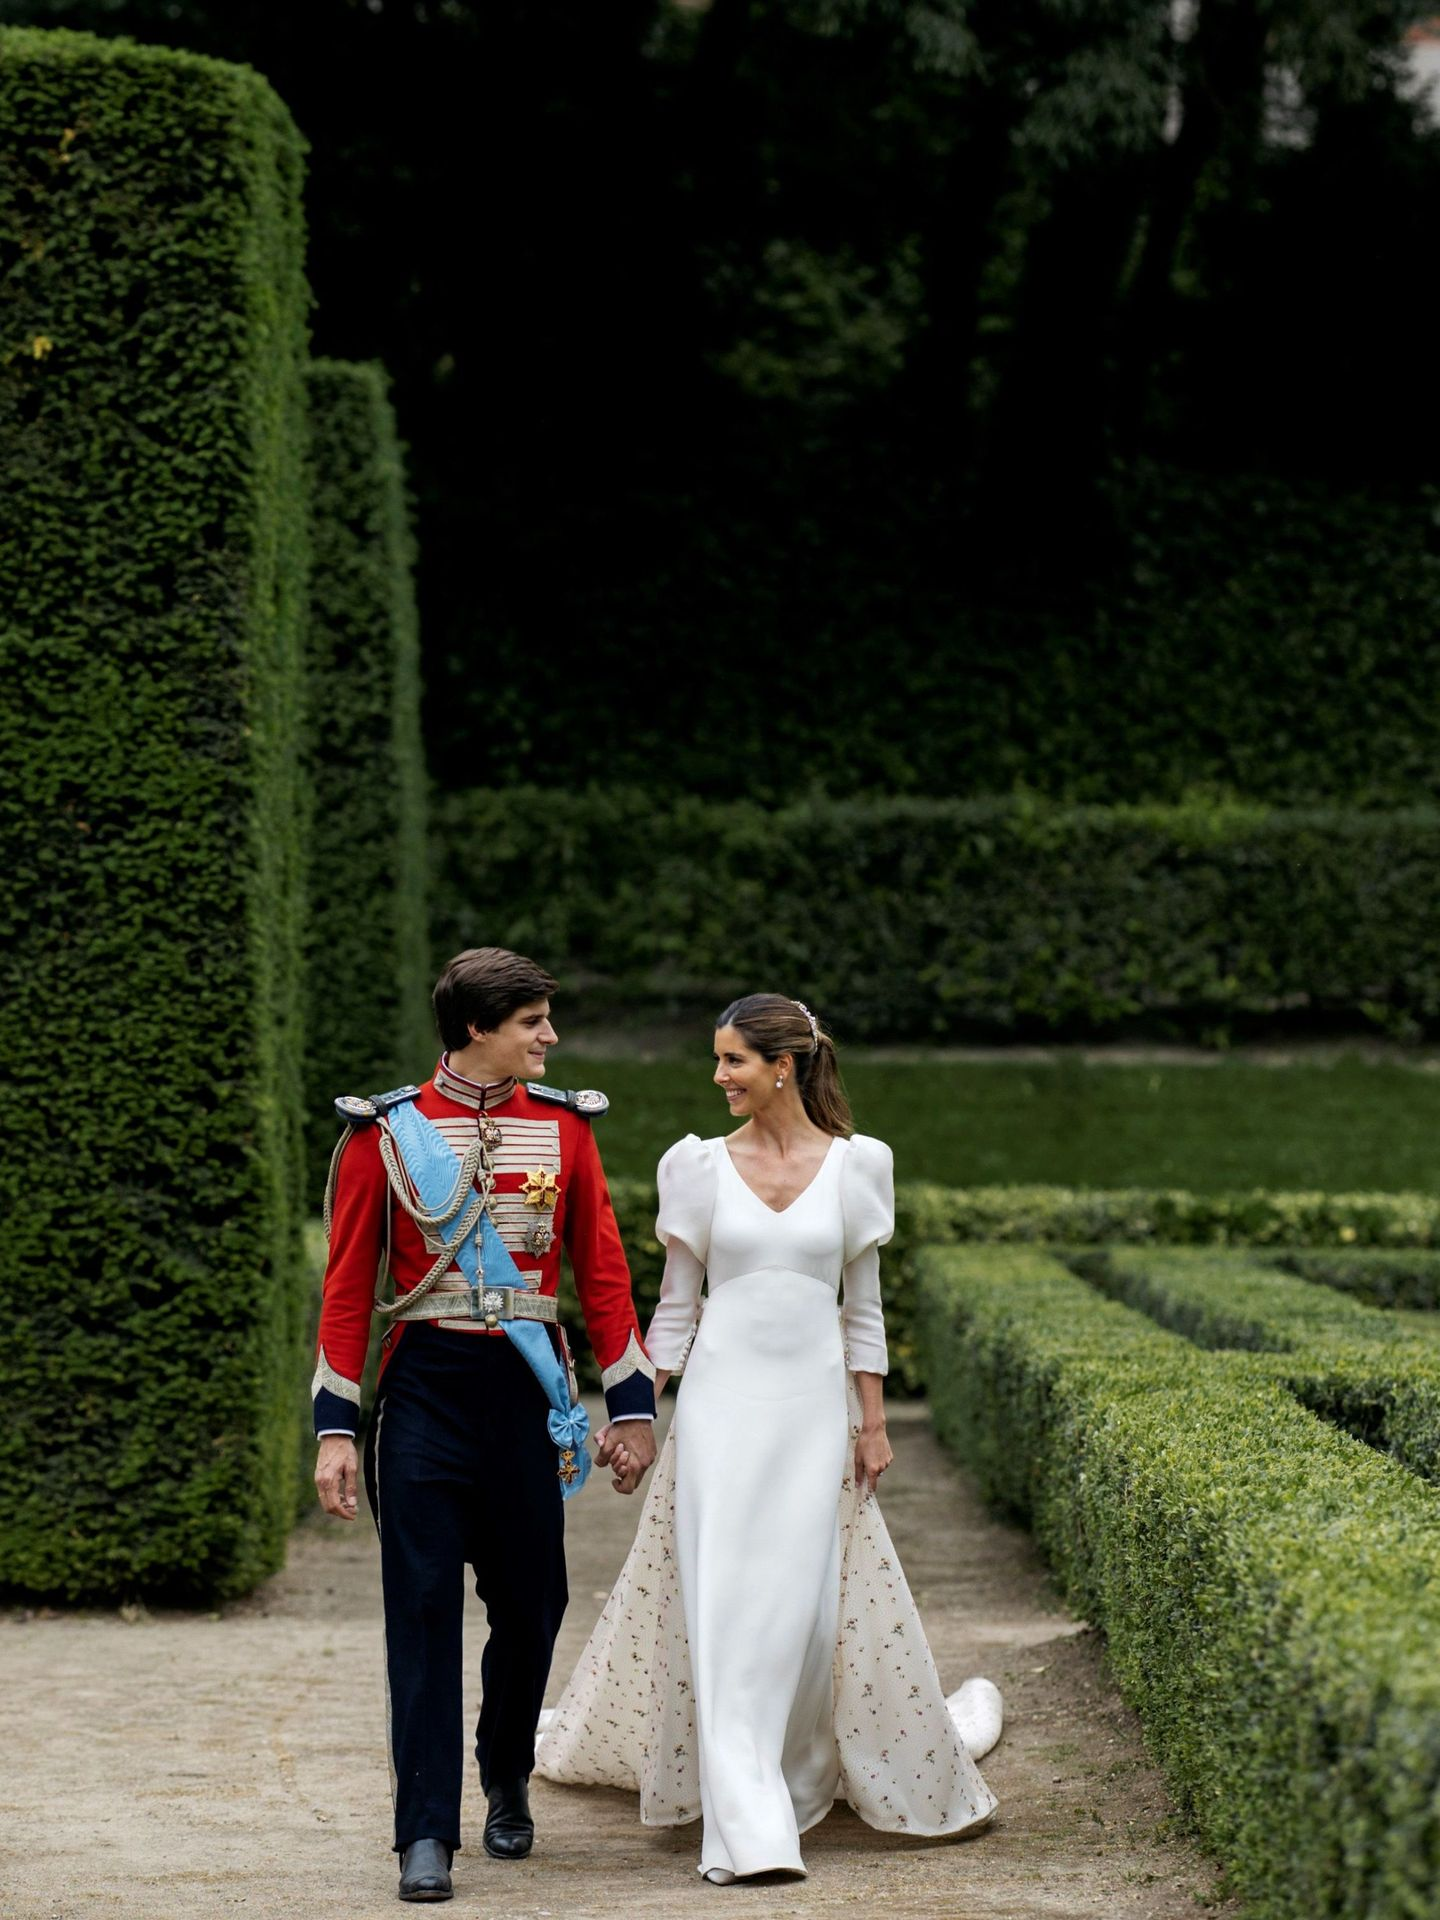 Los novios, paseando por el jardín. (Alejandra Ortiz/EFE)